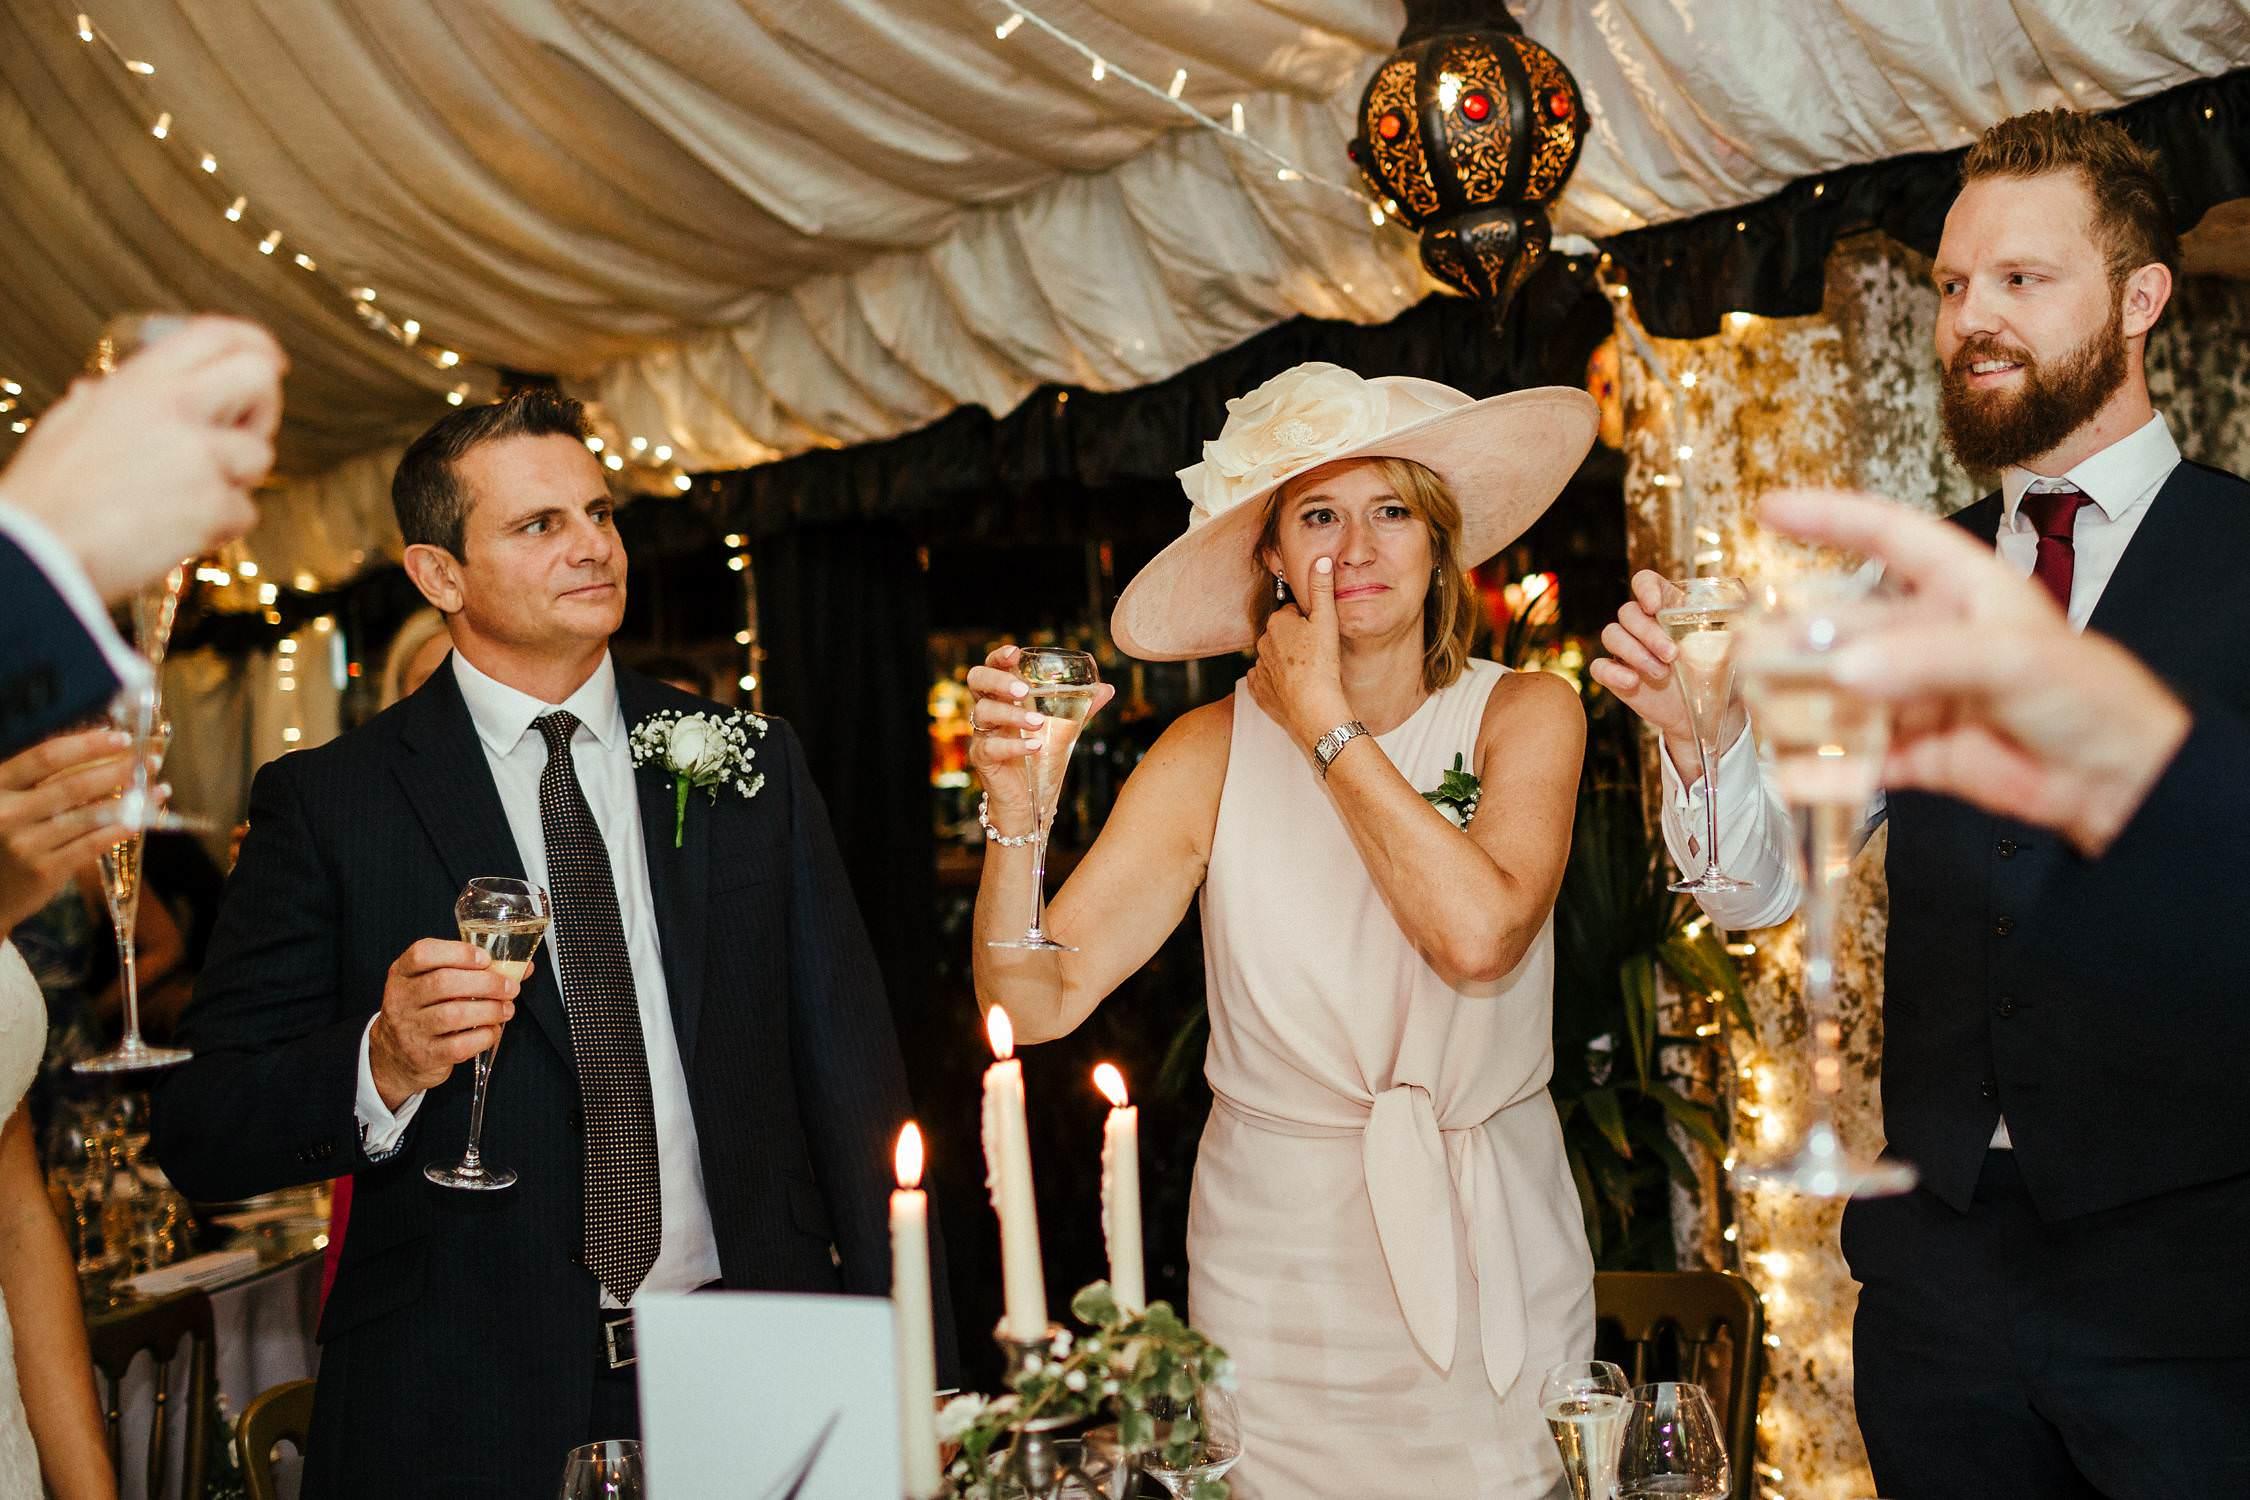 Buckinghamshire-Wedding-Photography-43